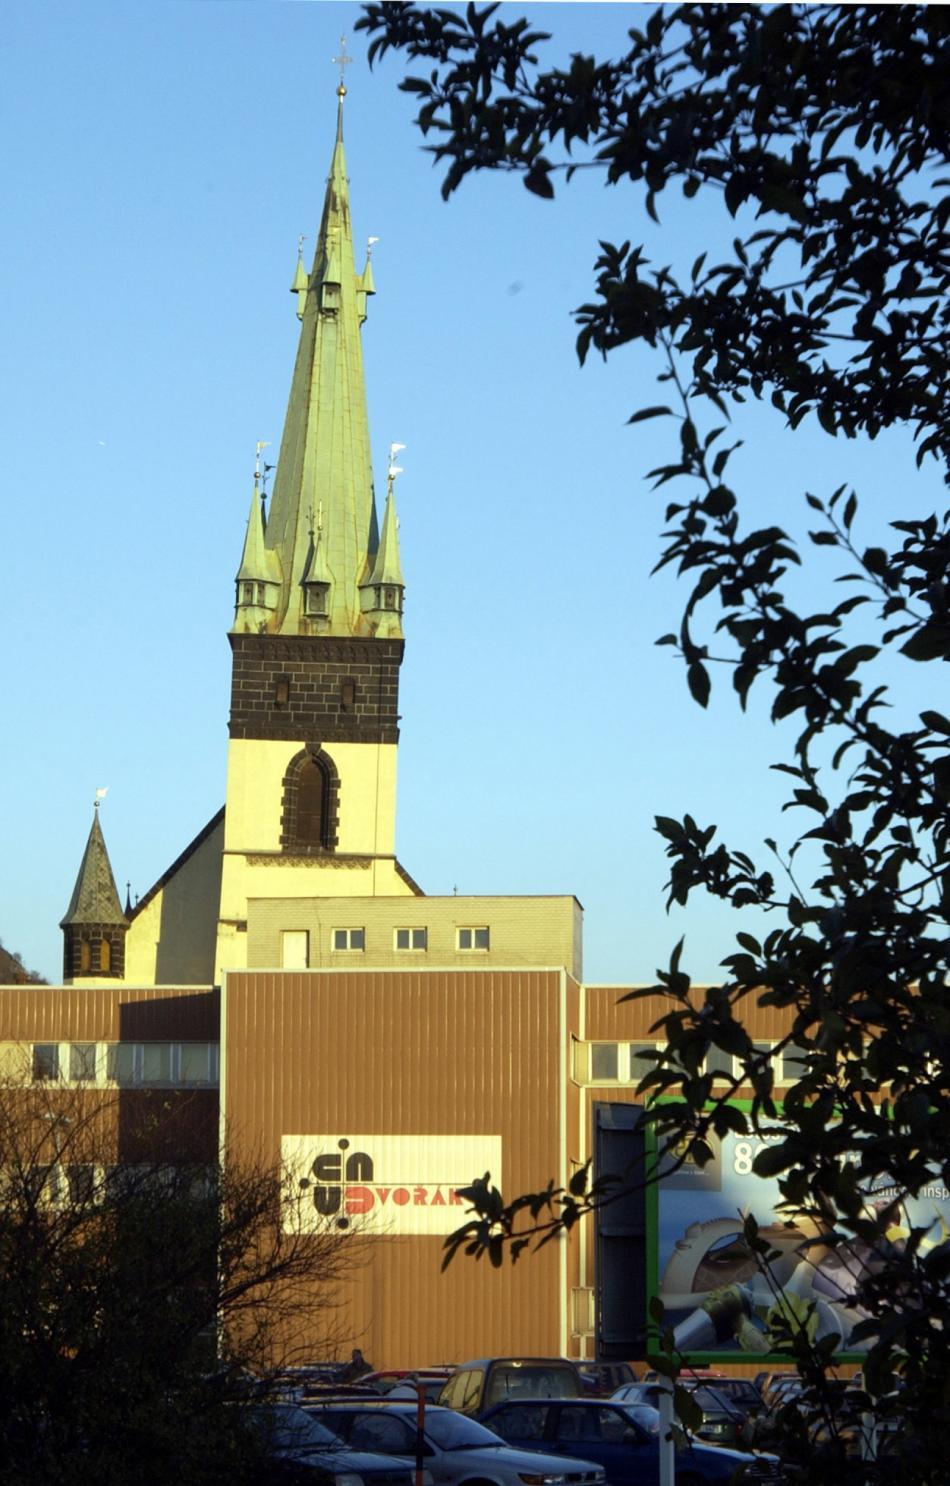 Věž kostela Nanebevzetí panny Maria za dnes již nestojící budovou tržnice na snímku z roku 2004